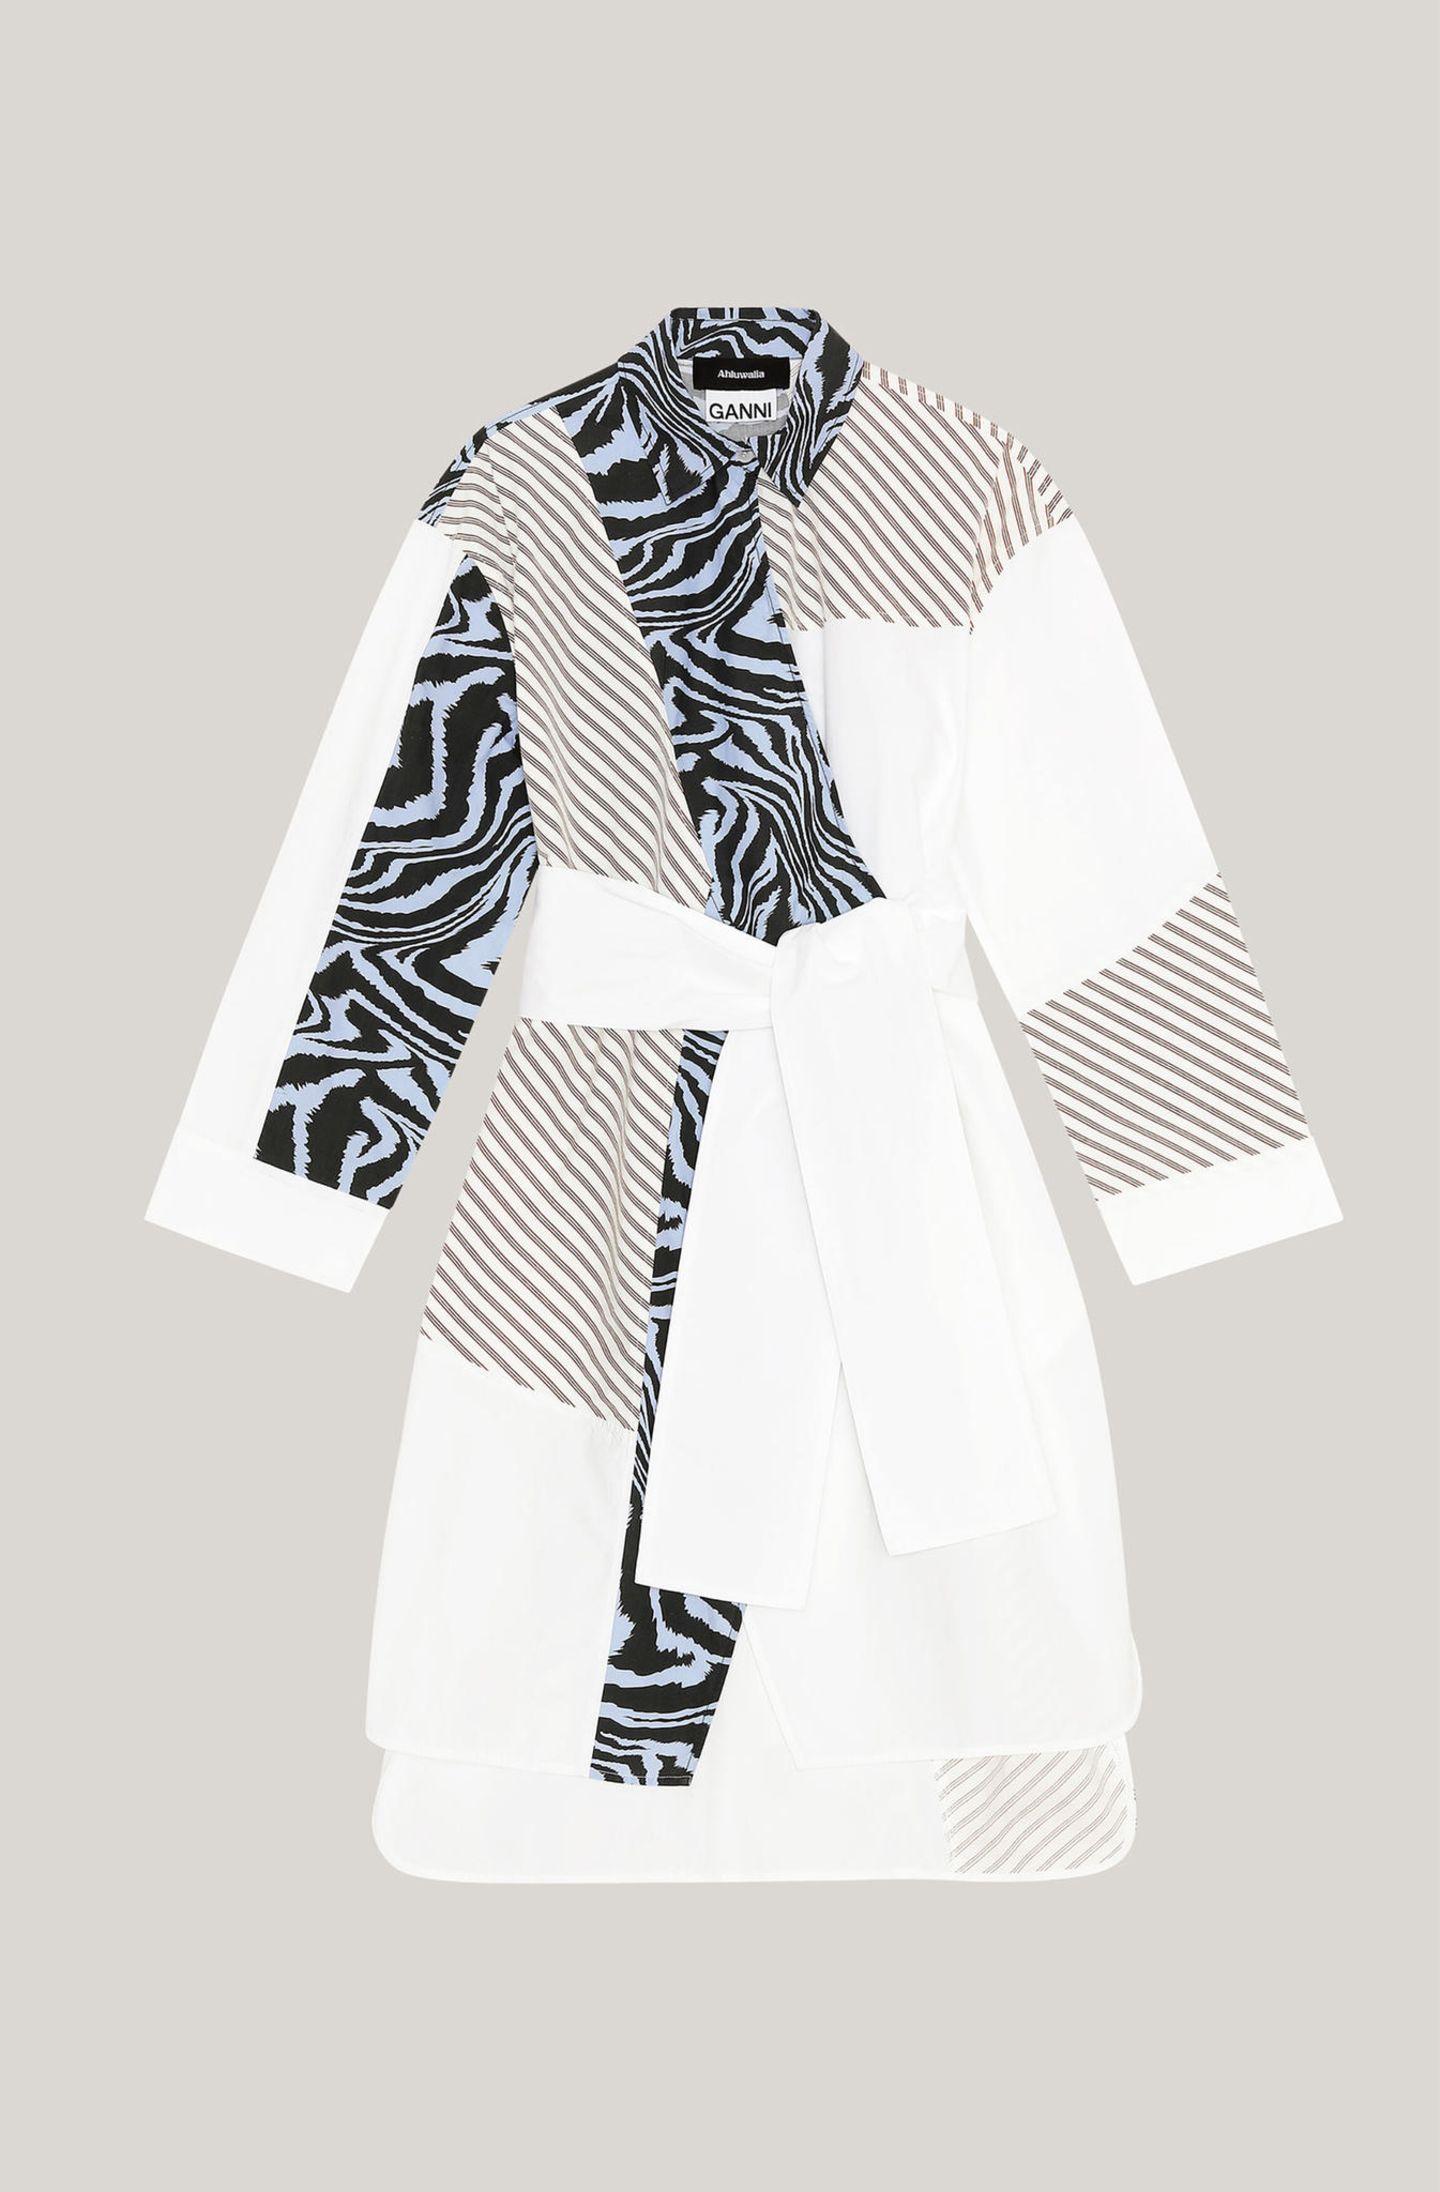 #anyoccasiondress: Hemdkleid mit Patchwork-Elementen